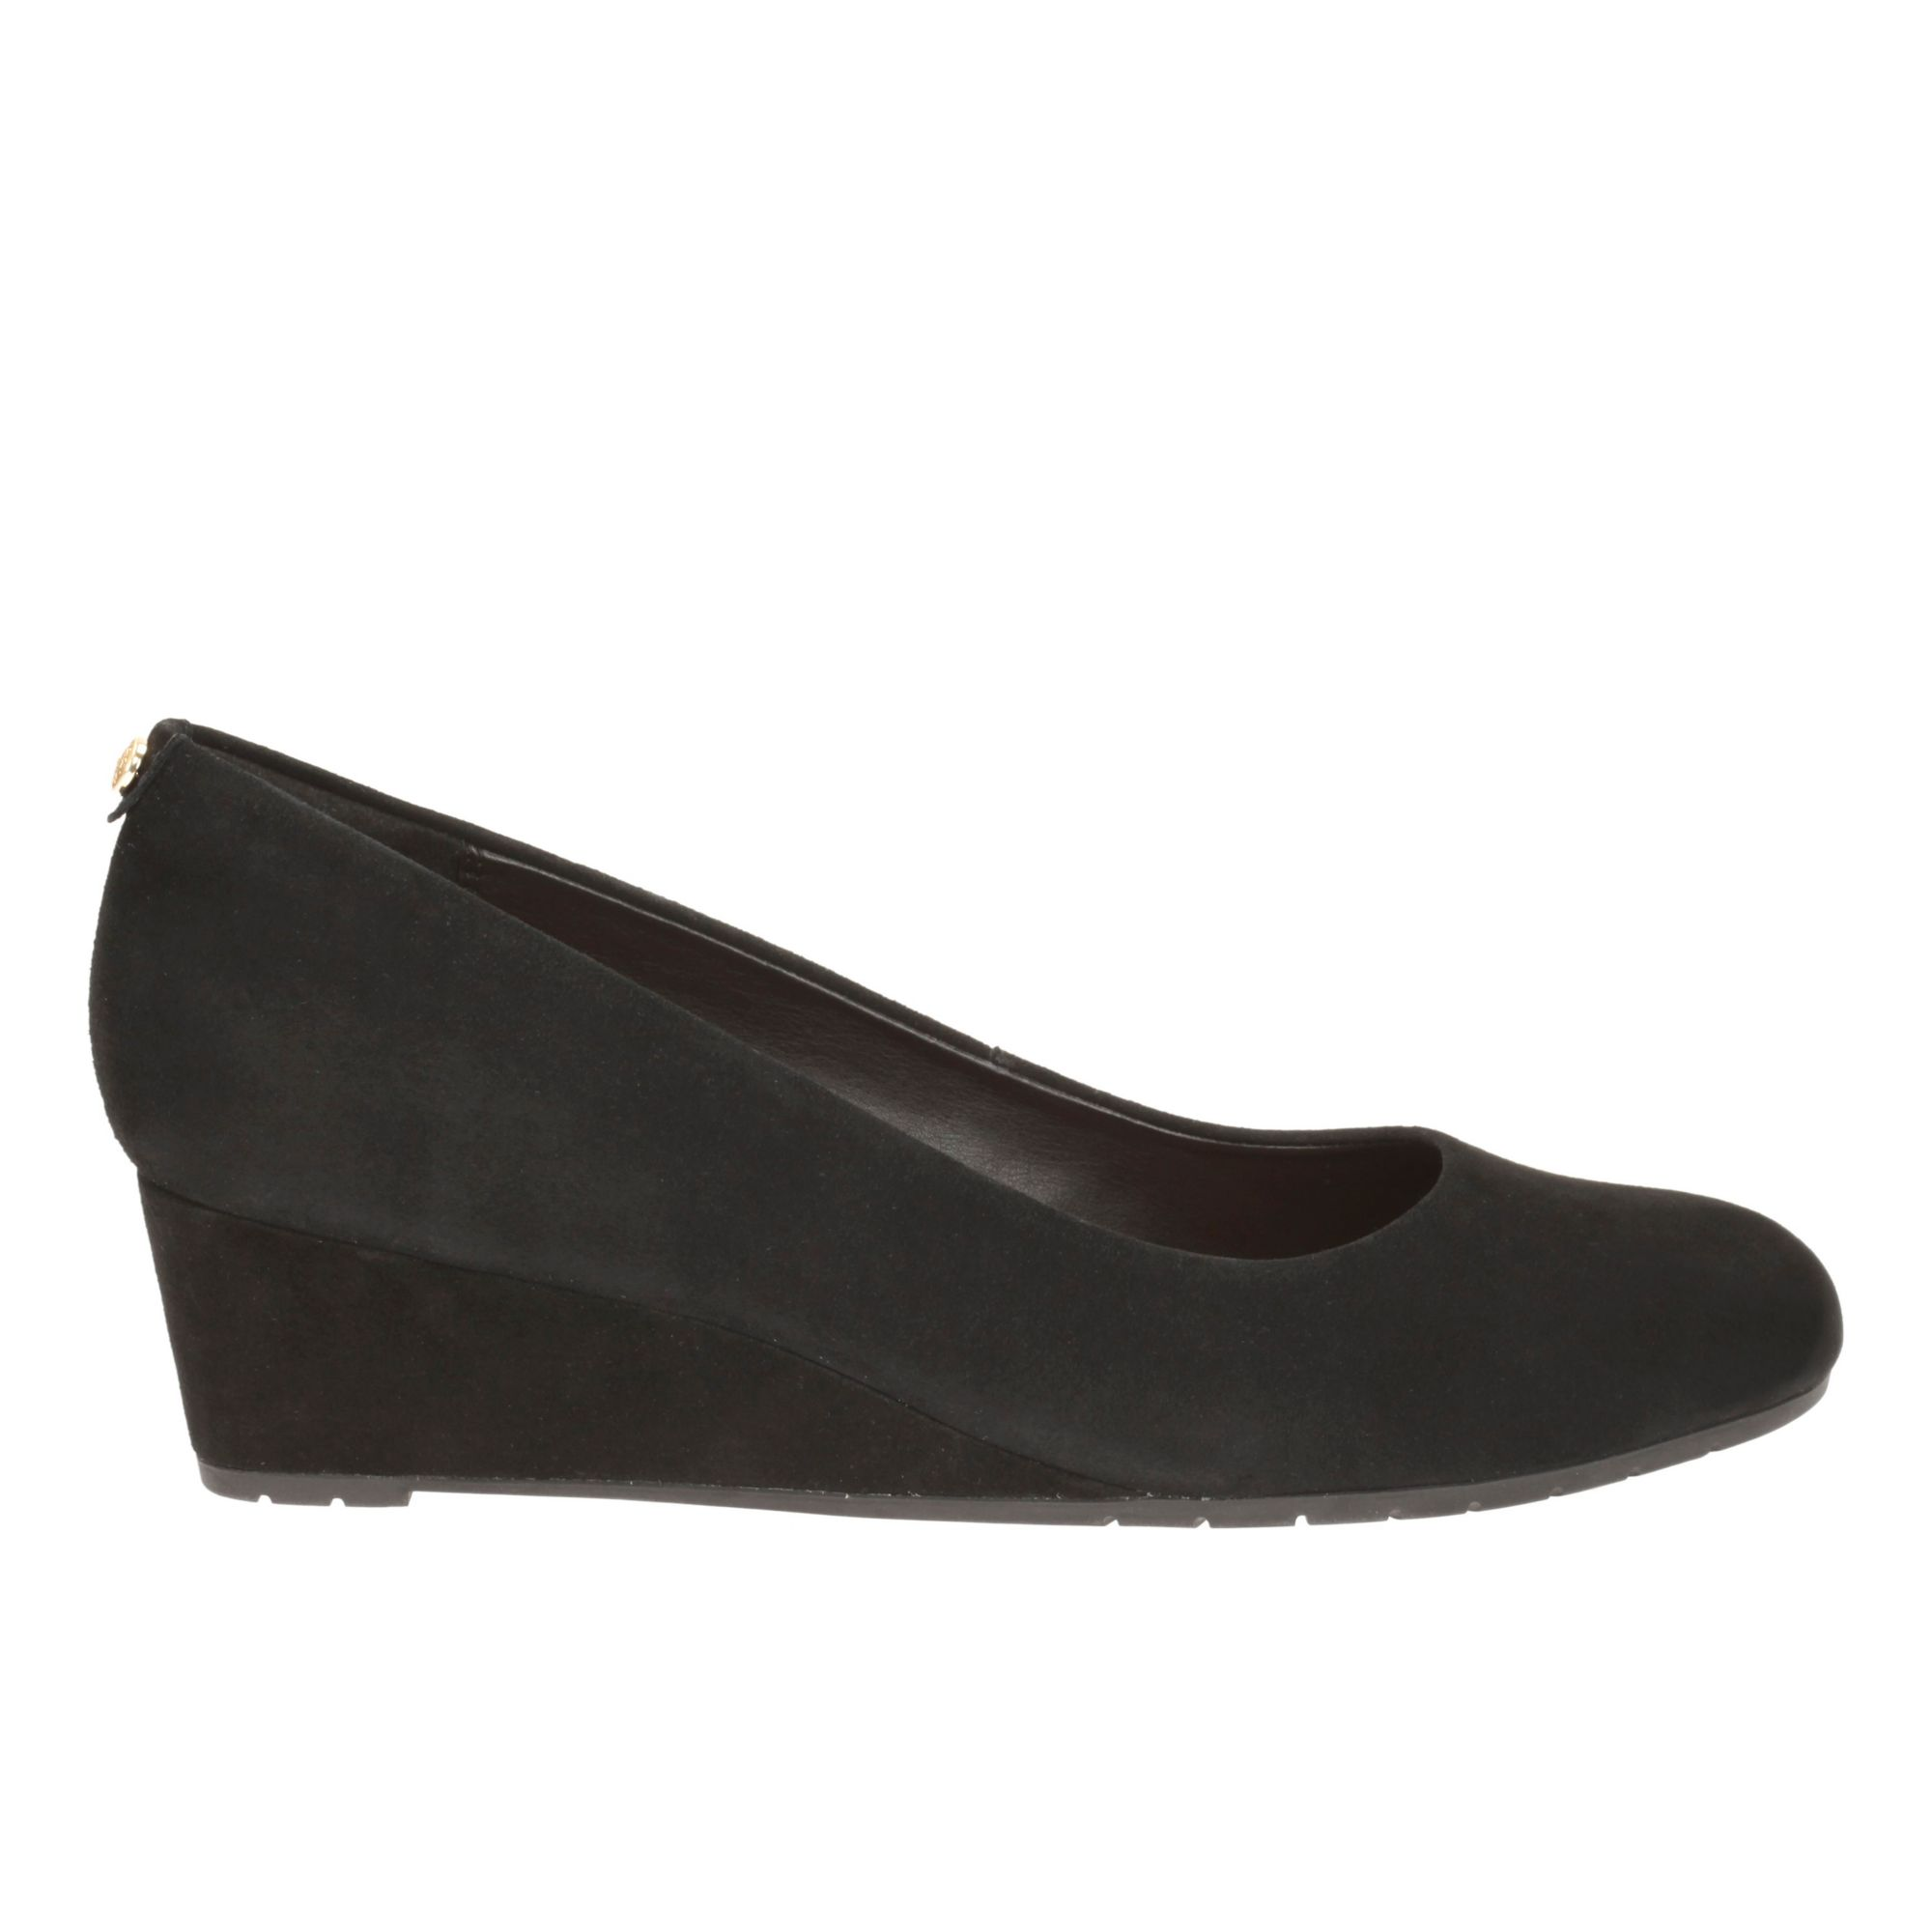 Zapatos mujer Vendra Bloom: Tiendas Notizalia